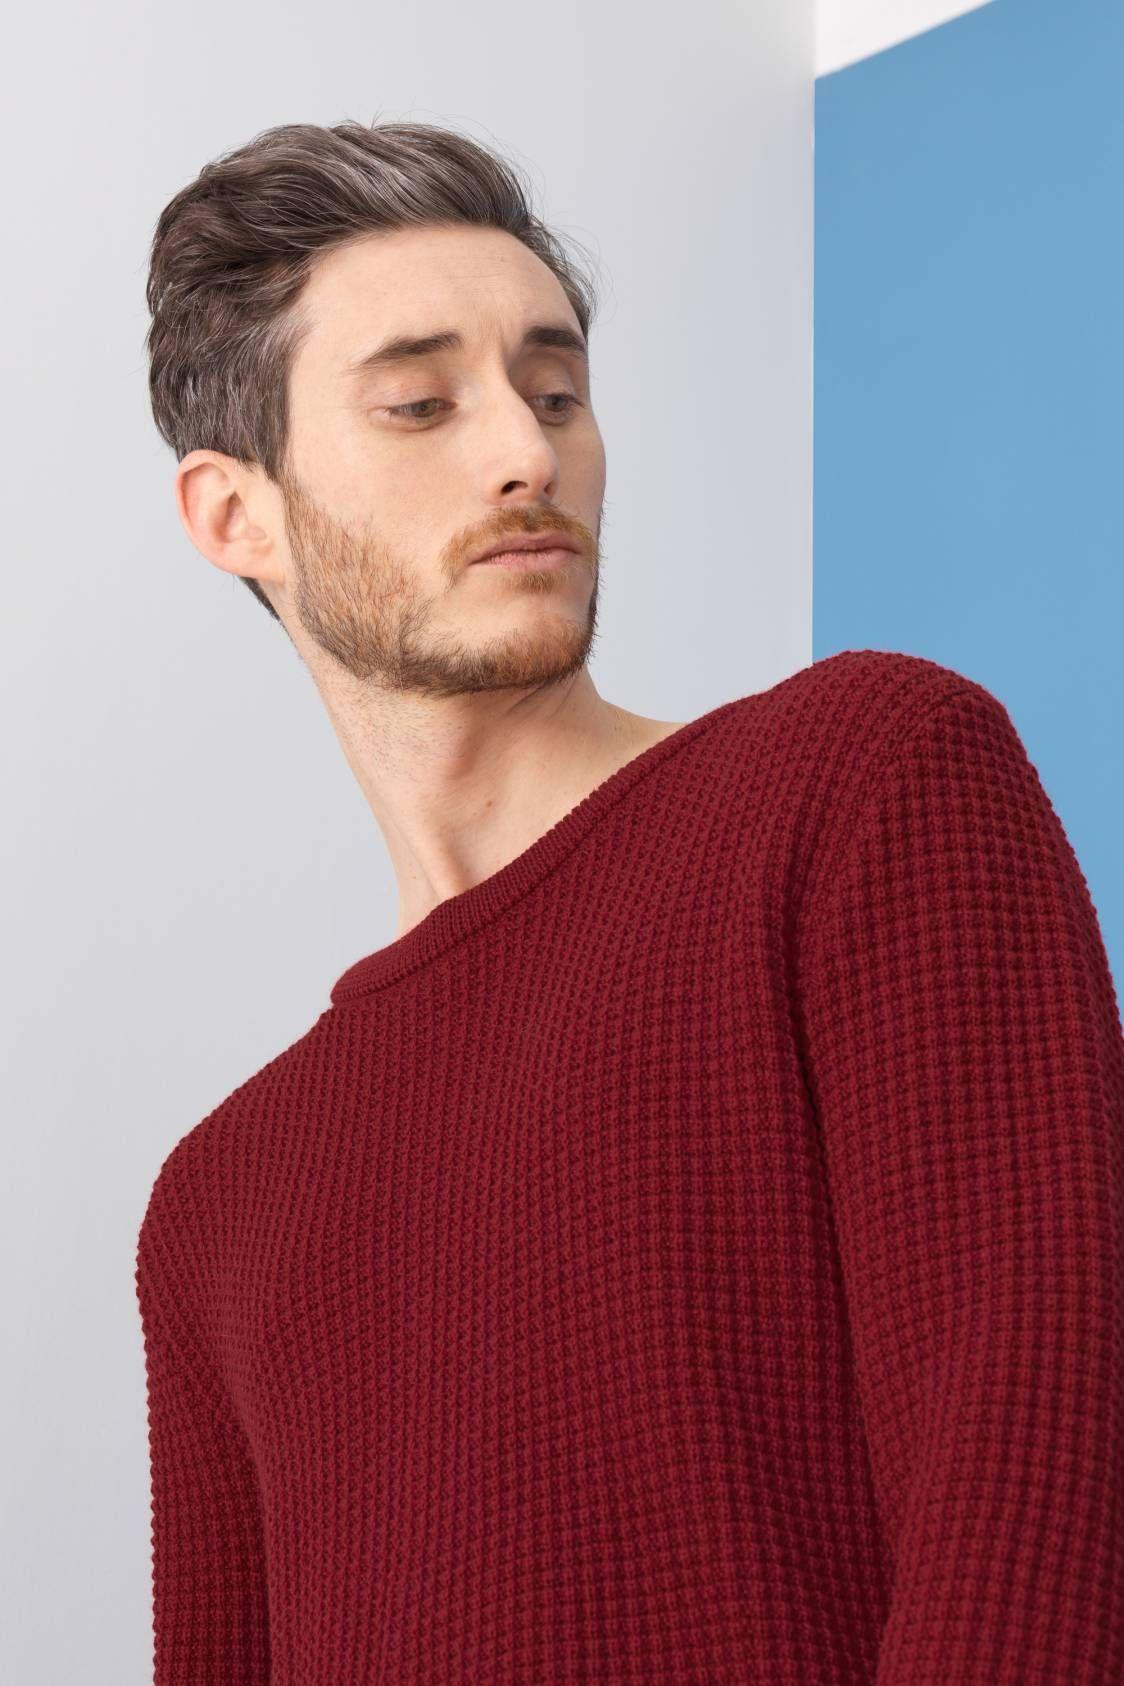 Pull 100% laine vierge d Australie, filée en Autriche — Tricoté en maille 0e59d1e51562